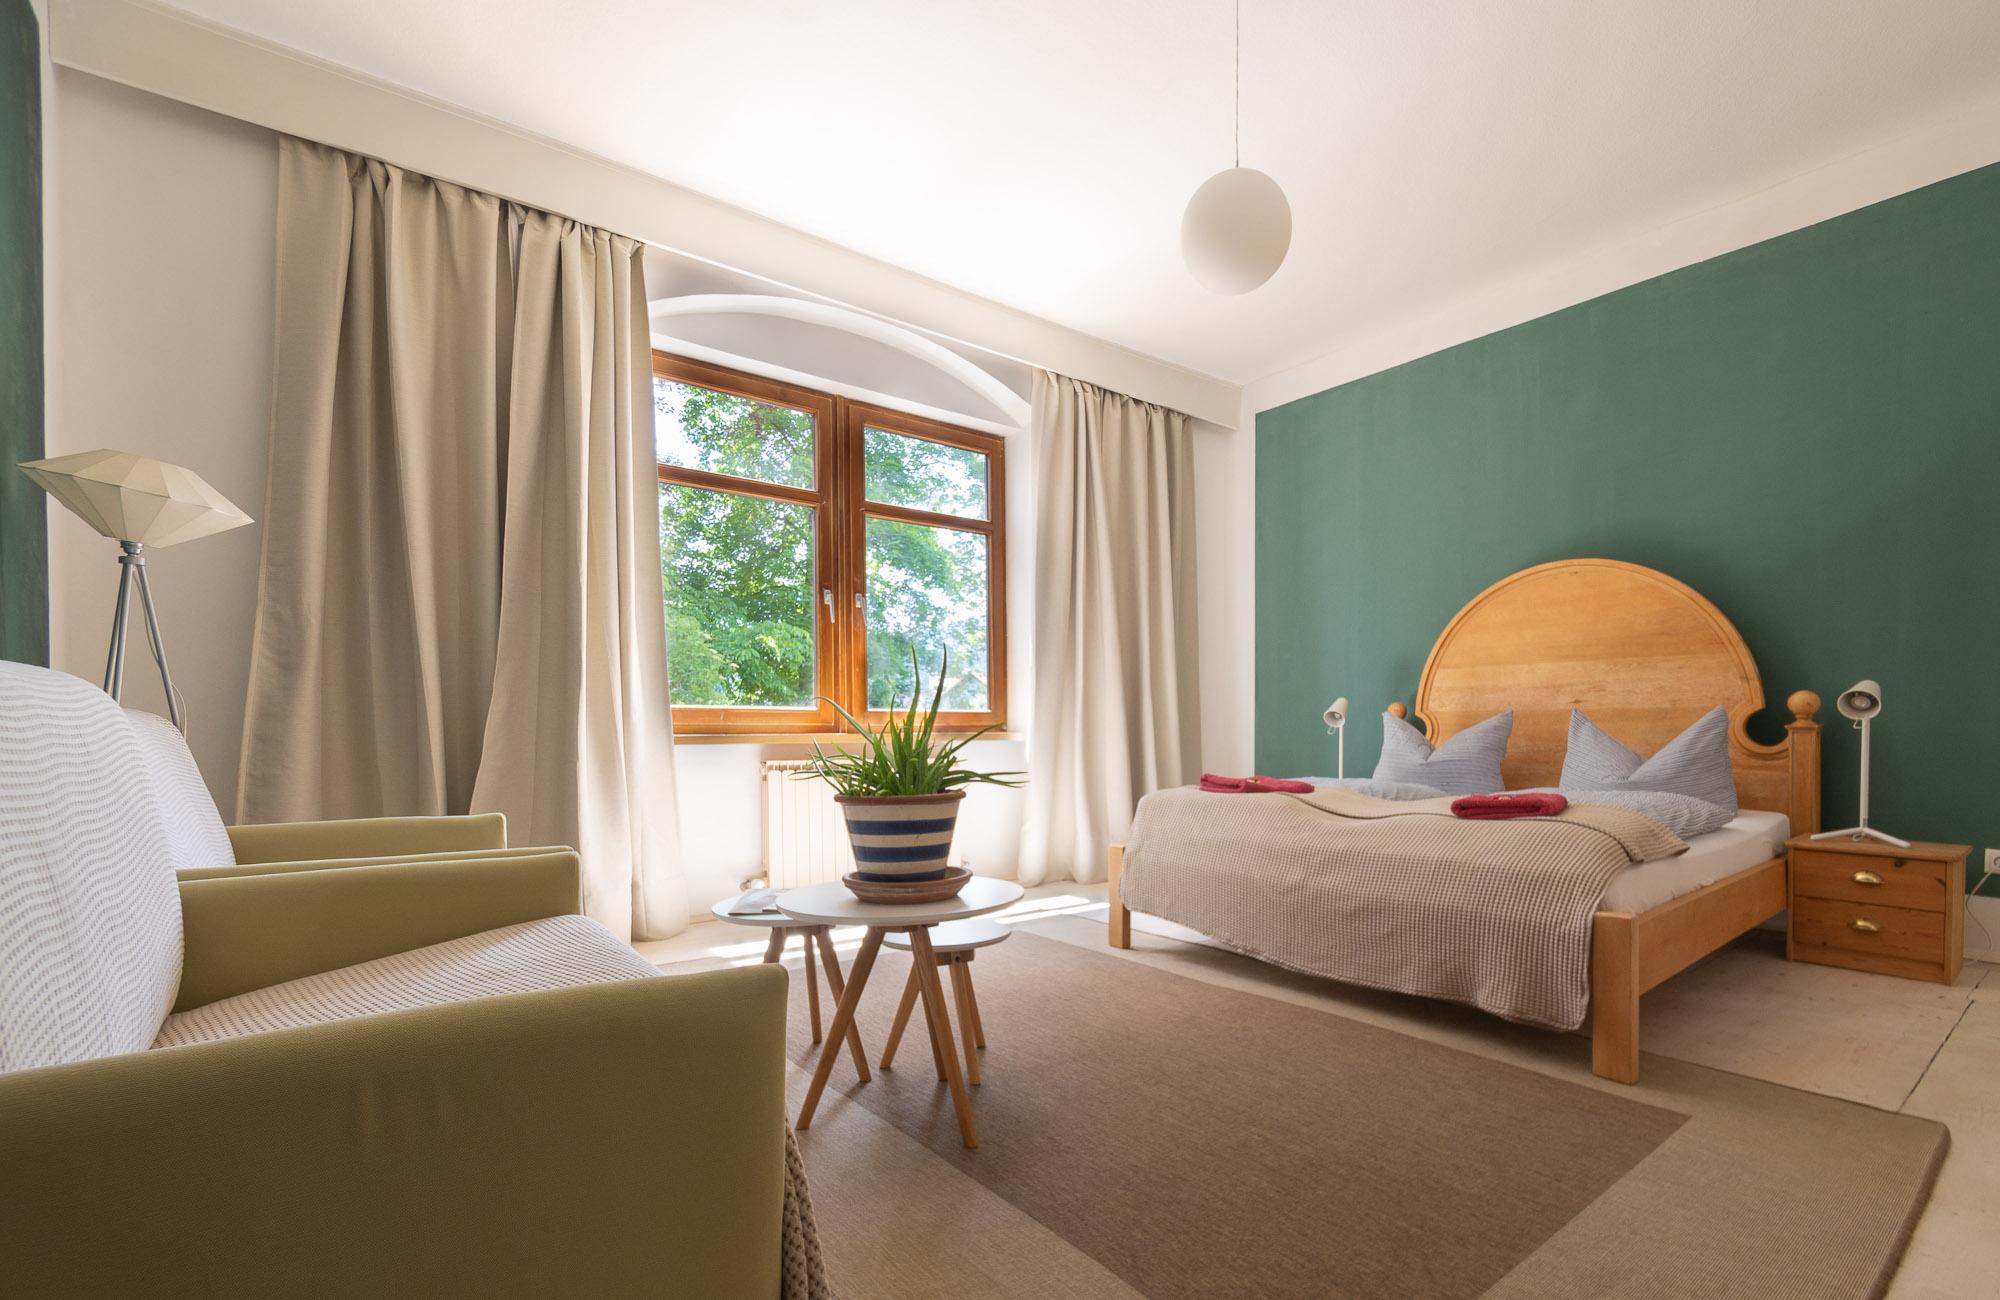 Apartment Farbtopf Schlazimmer 1